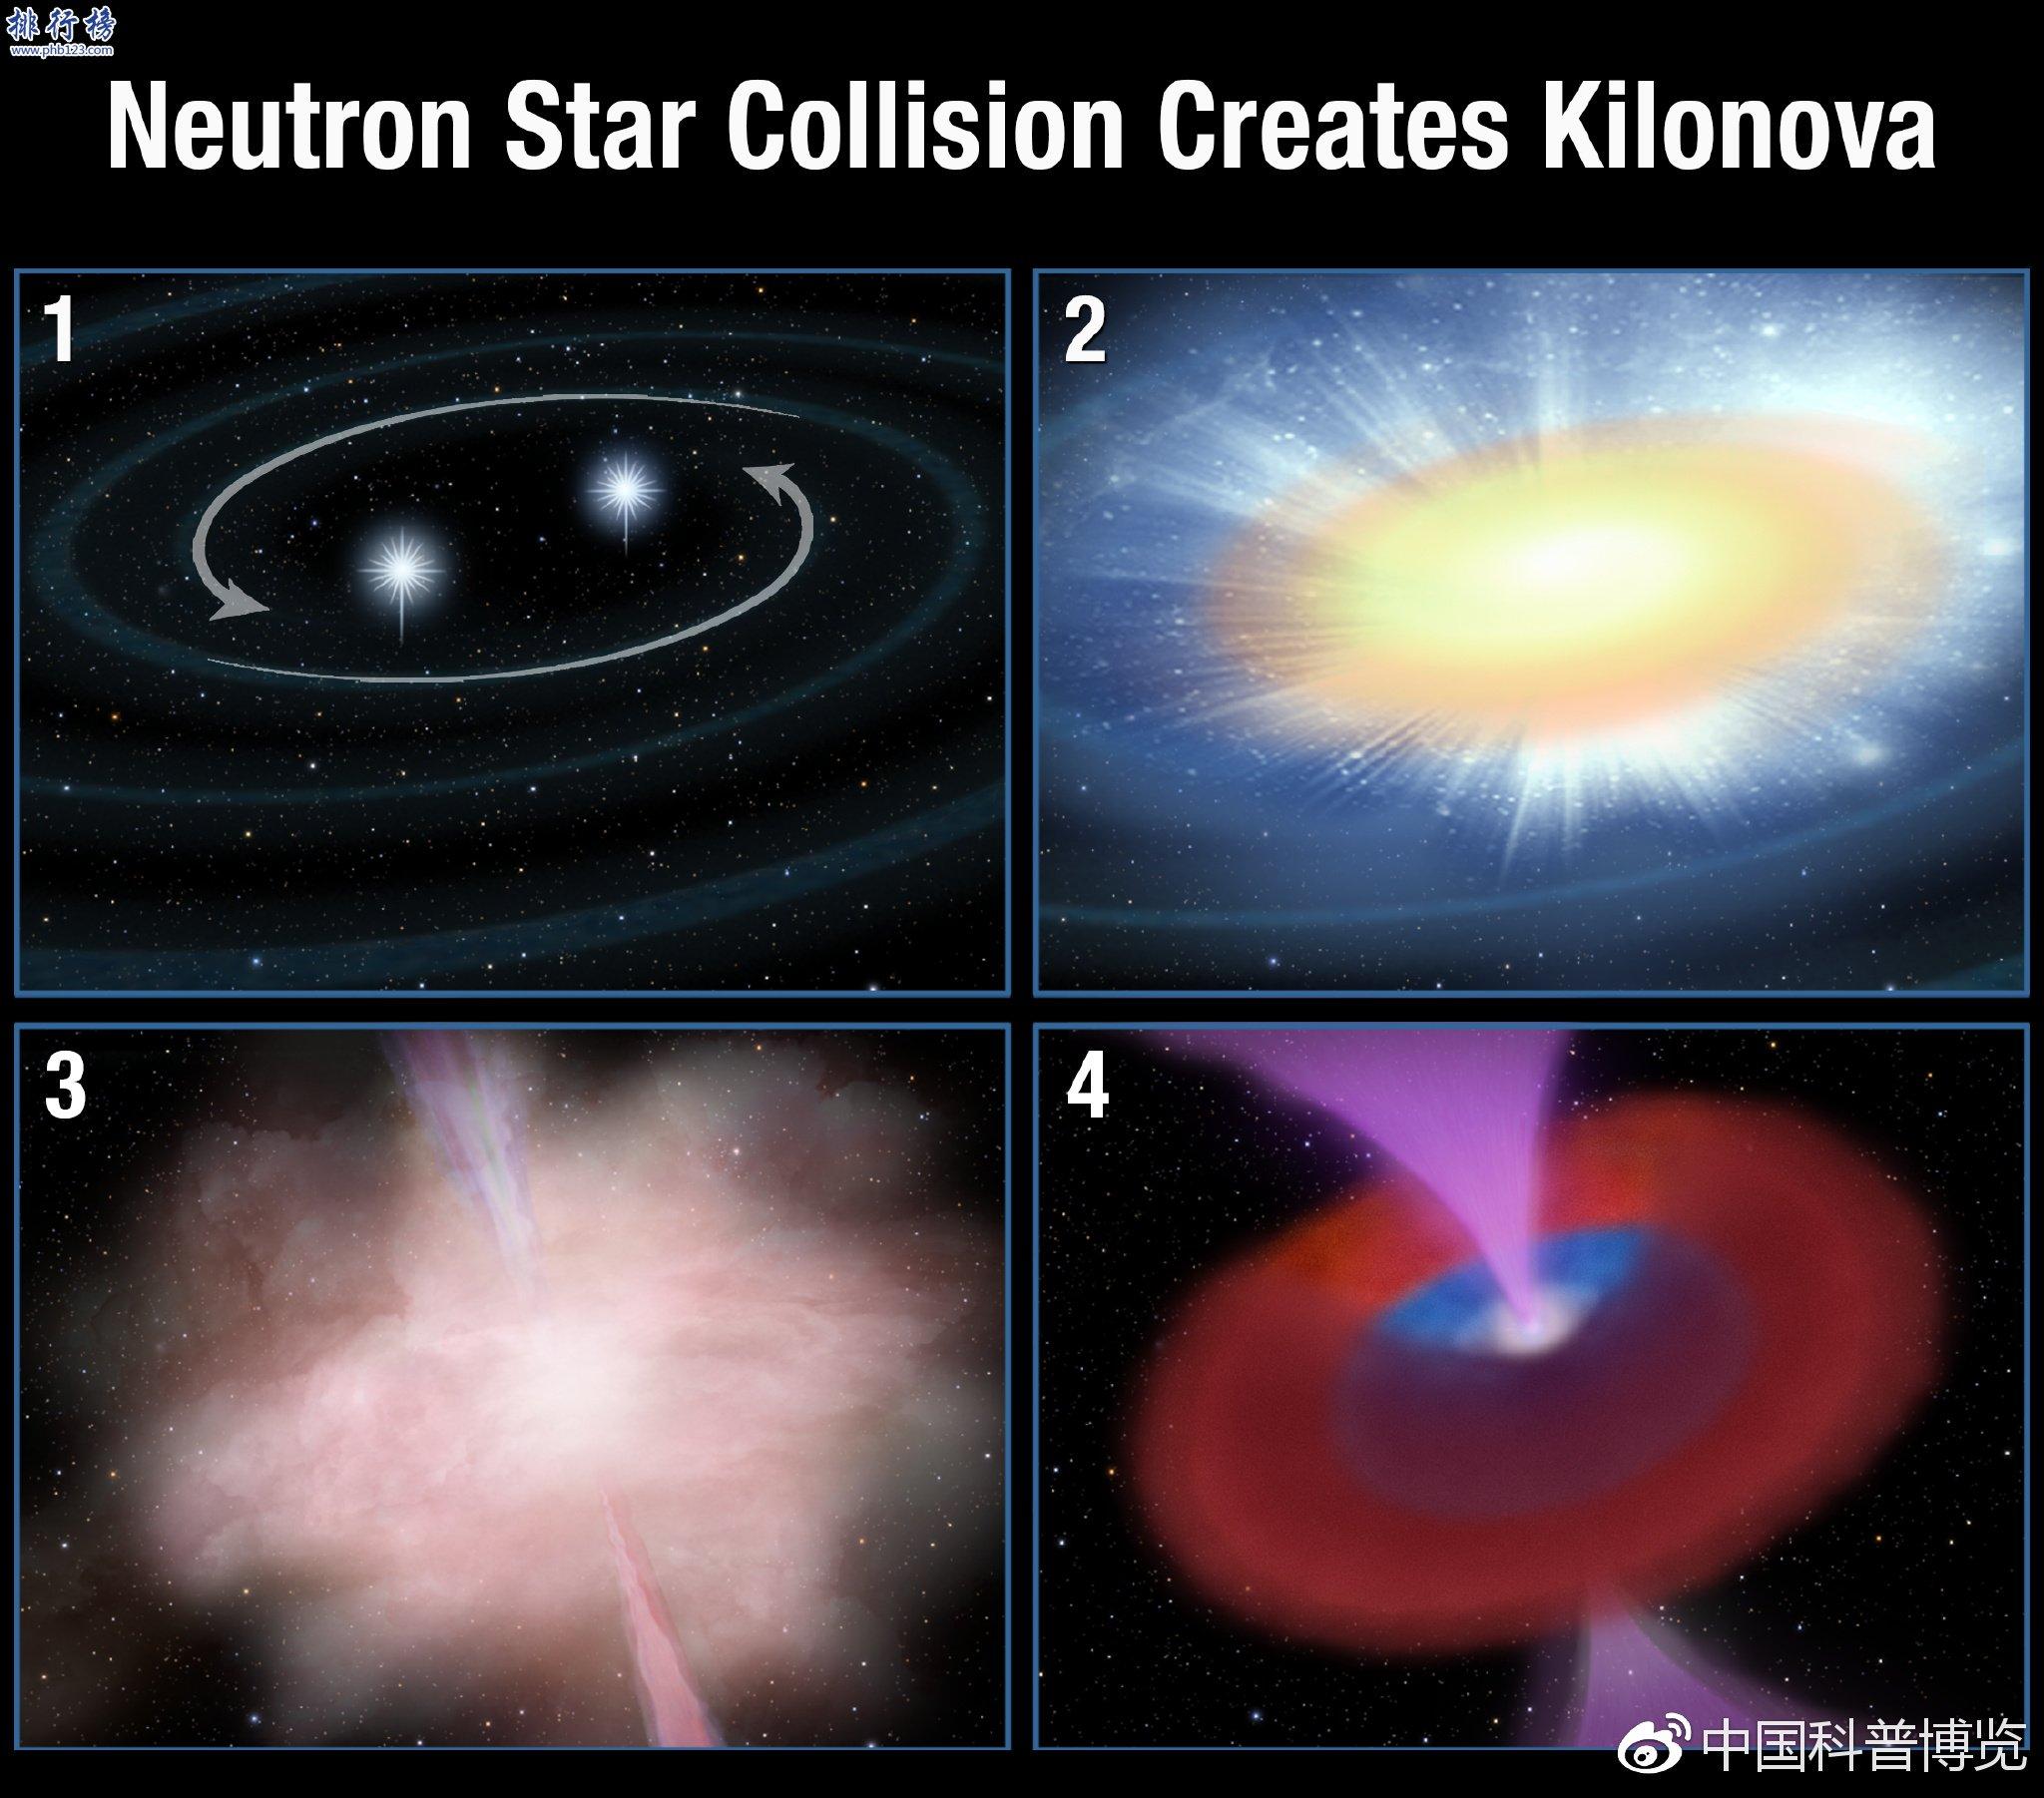 雙中子星鏇近,最終合併產生千新星的過程